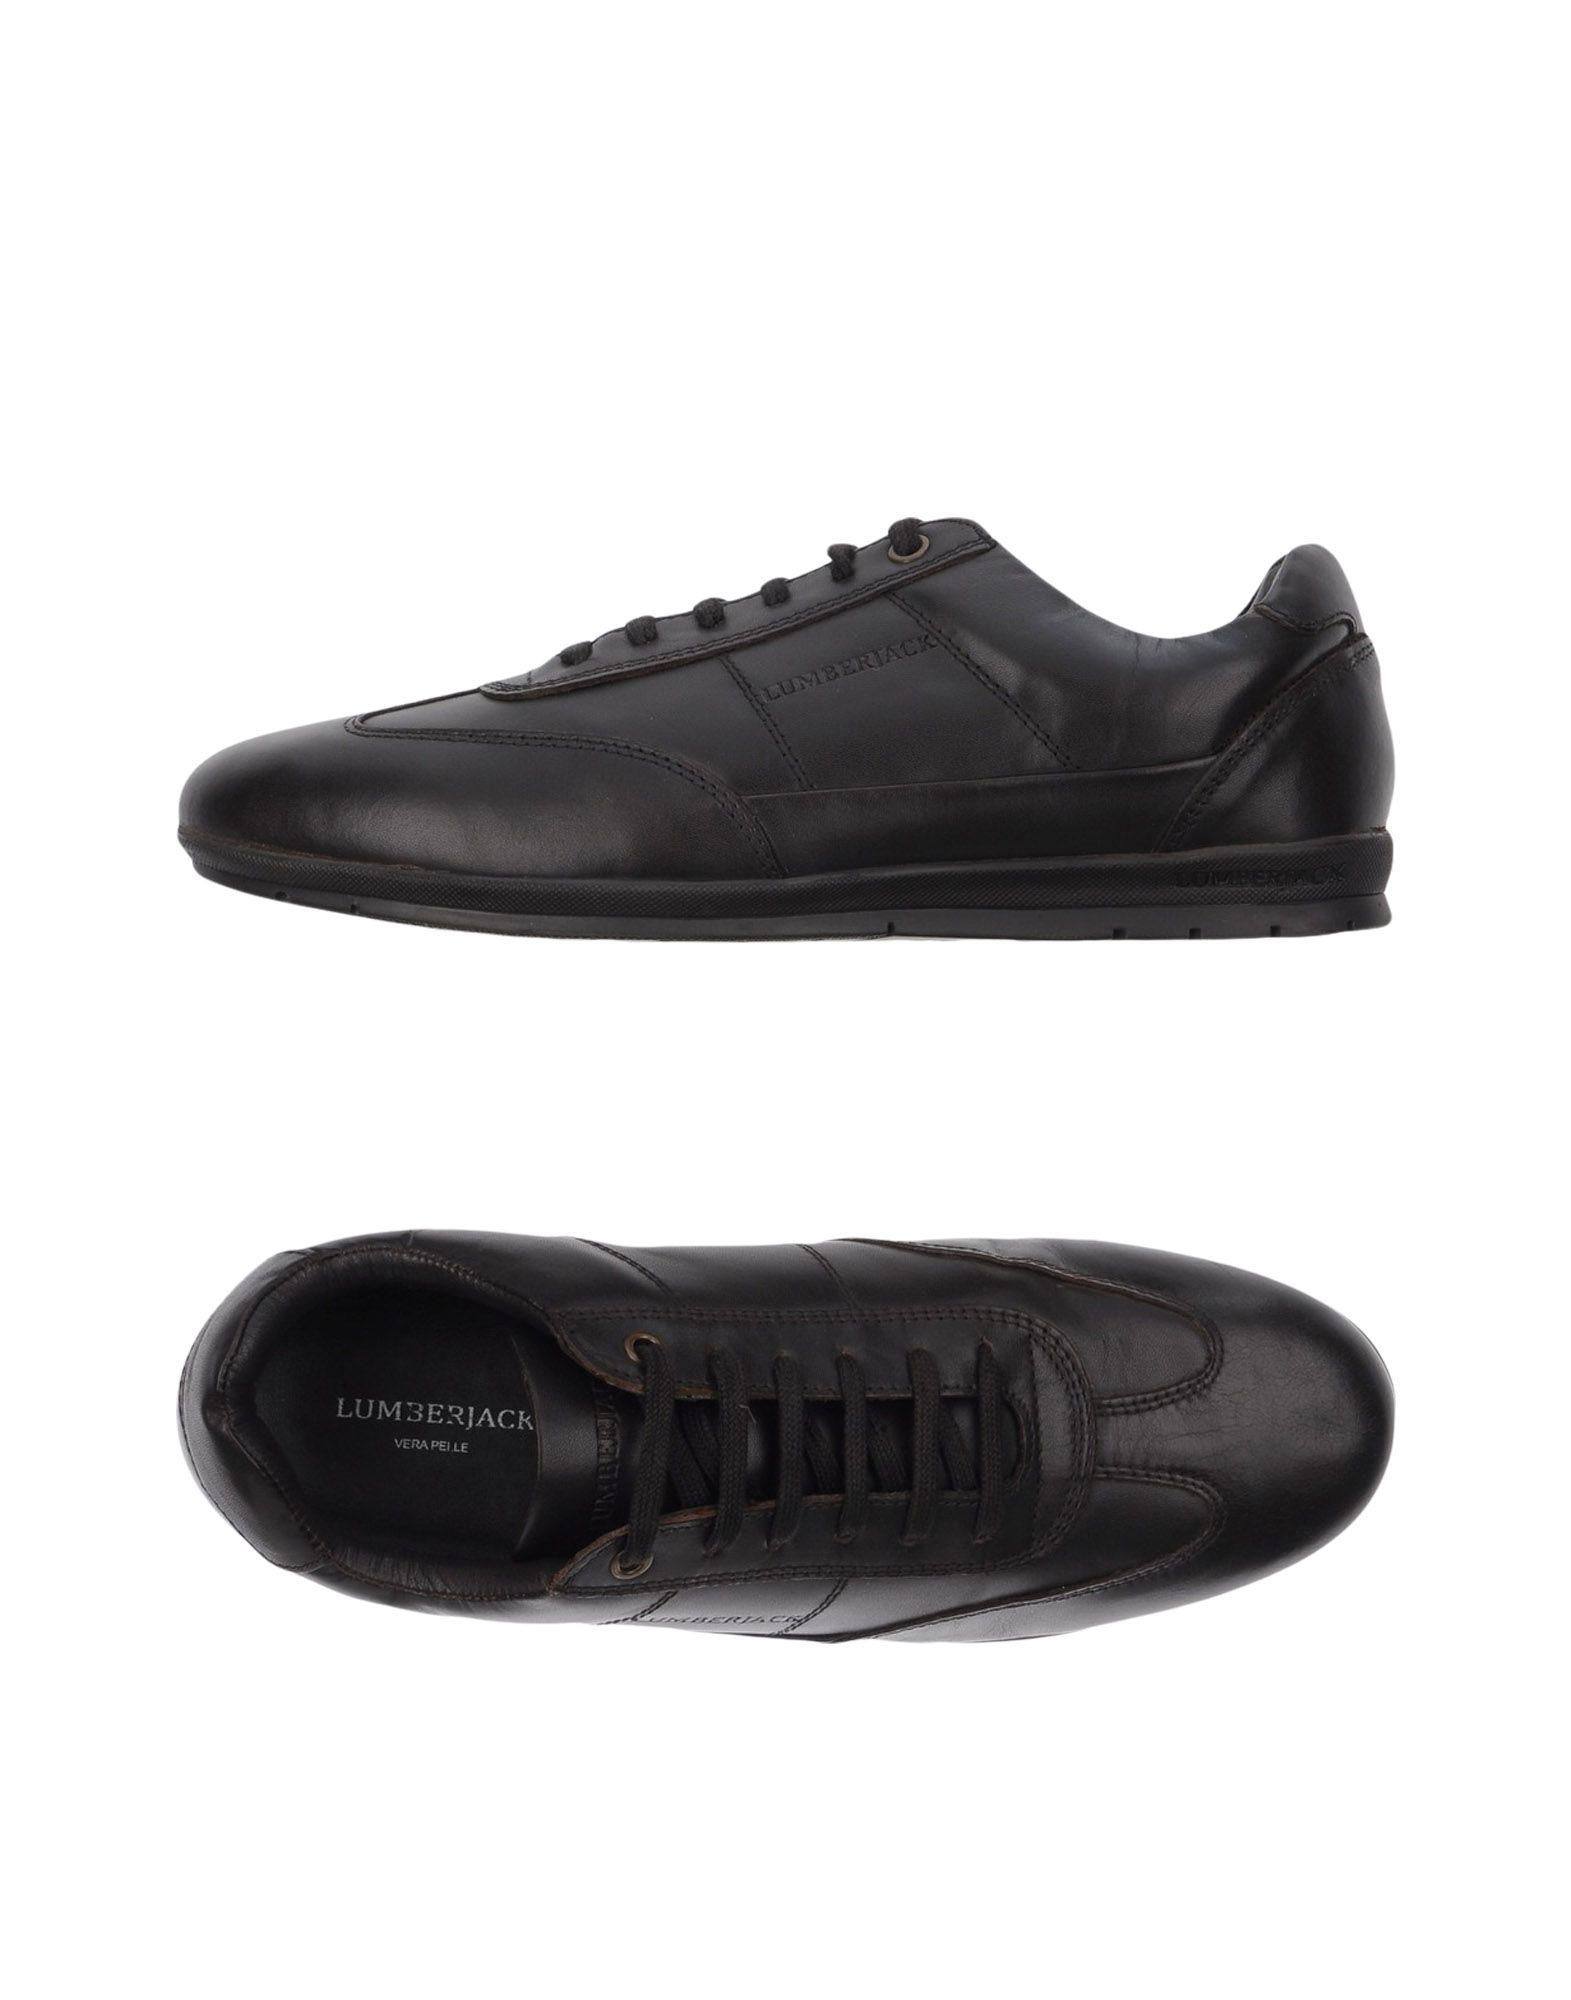 Sneakers Lumberjack Uomo - 11307985UH Scarpe economiche e buone